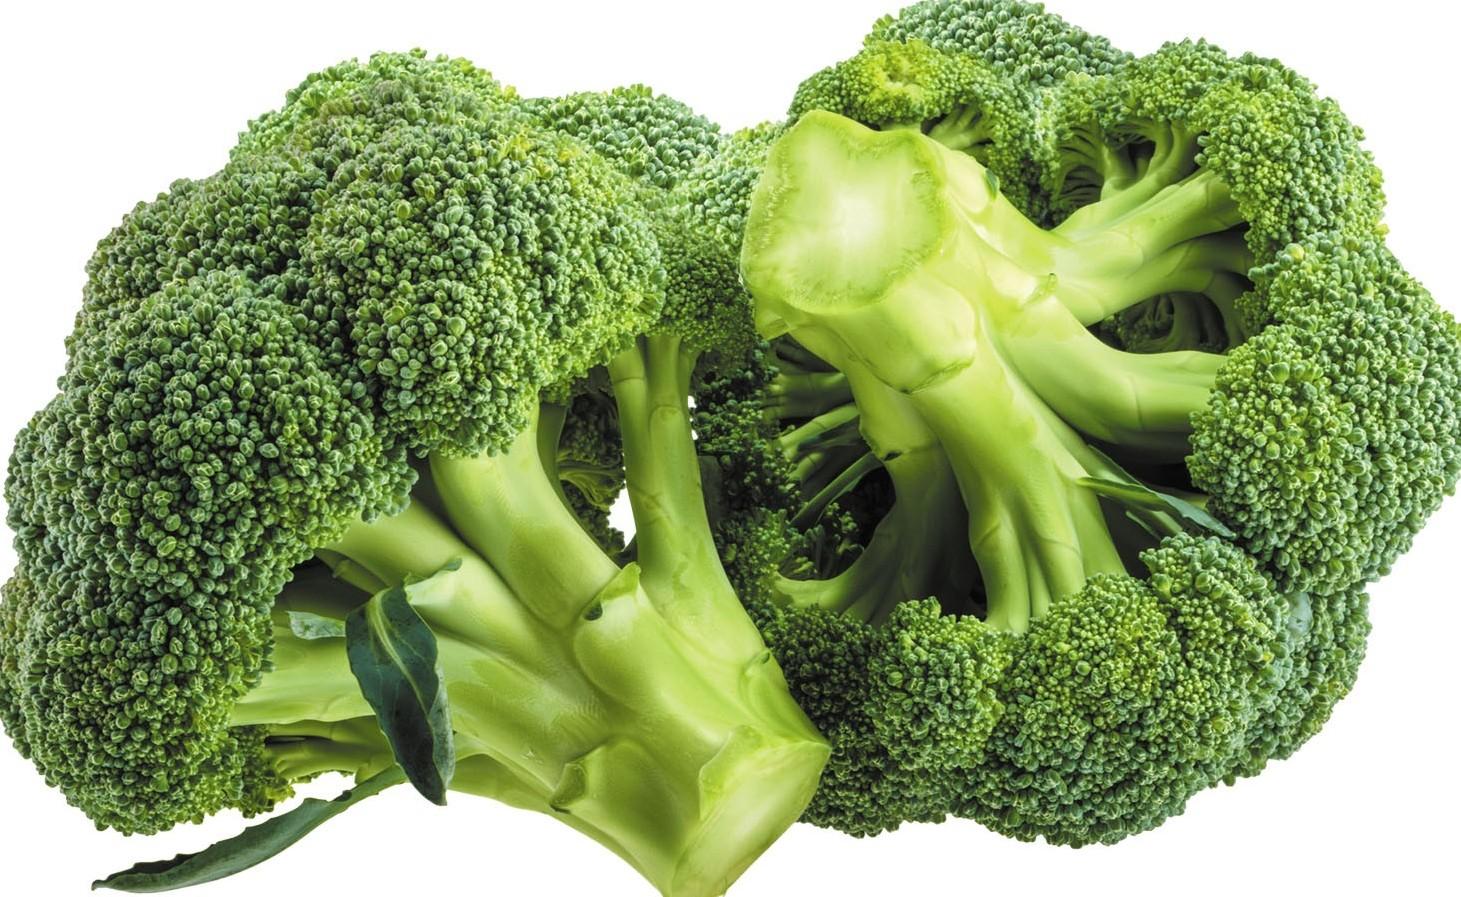 Broccoli anti-tumurali: ecco perch� aiut